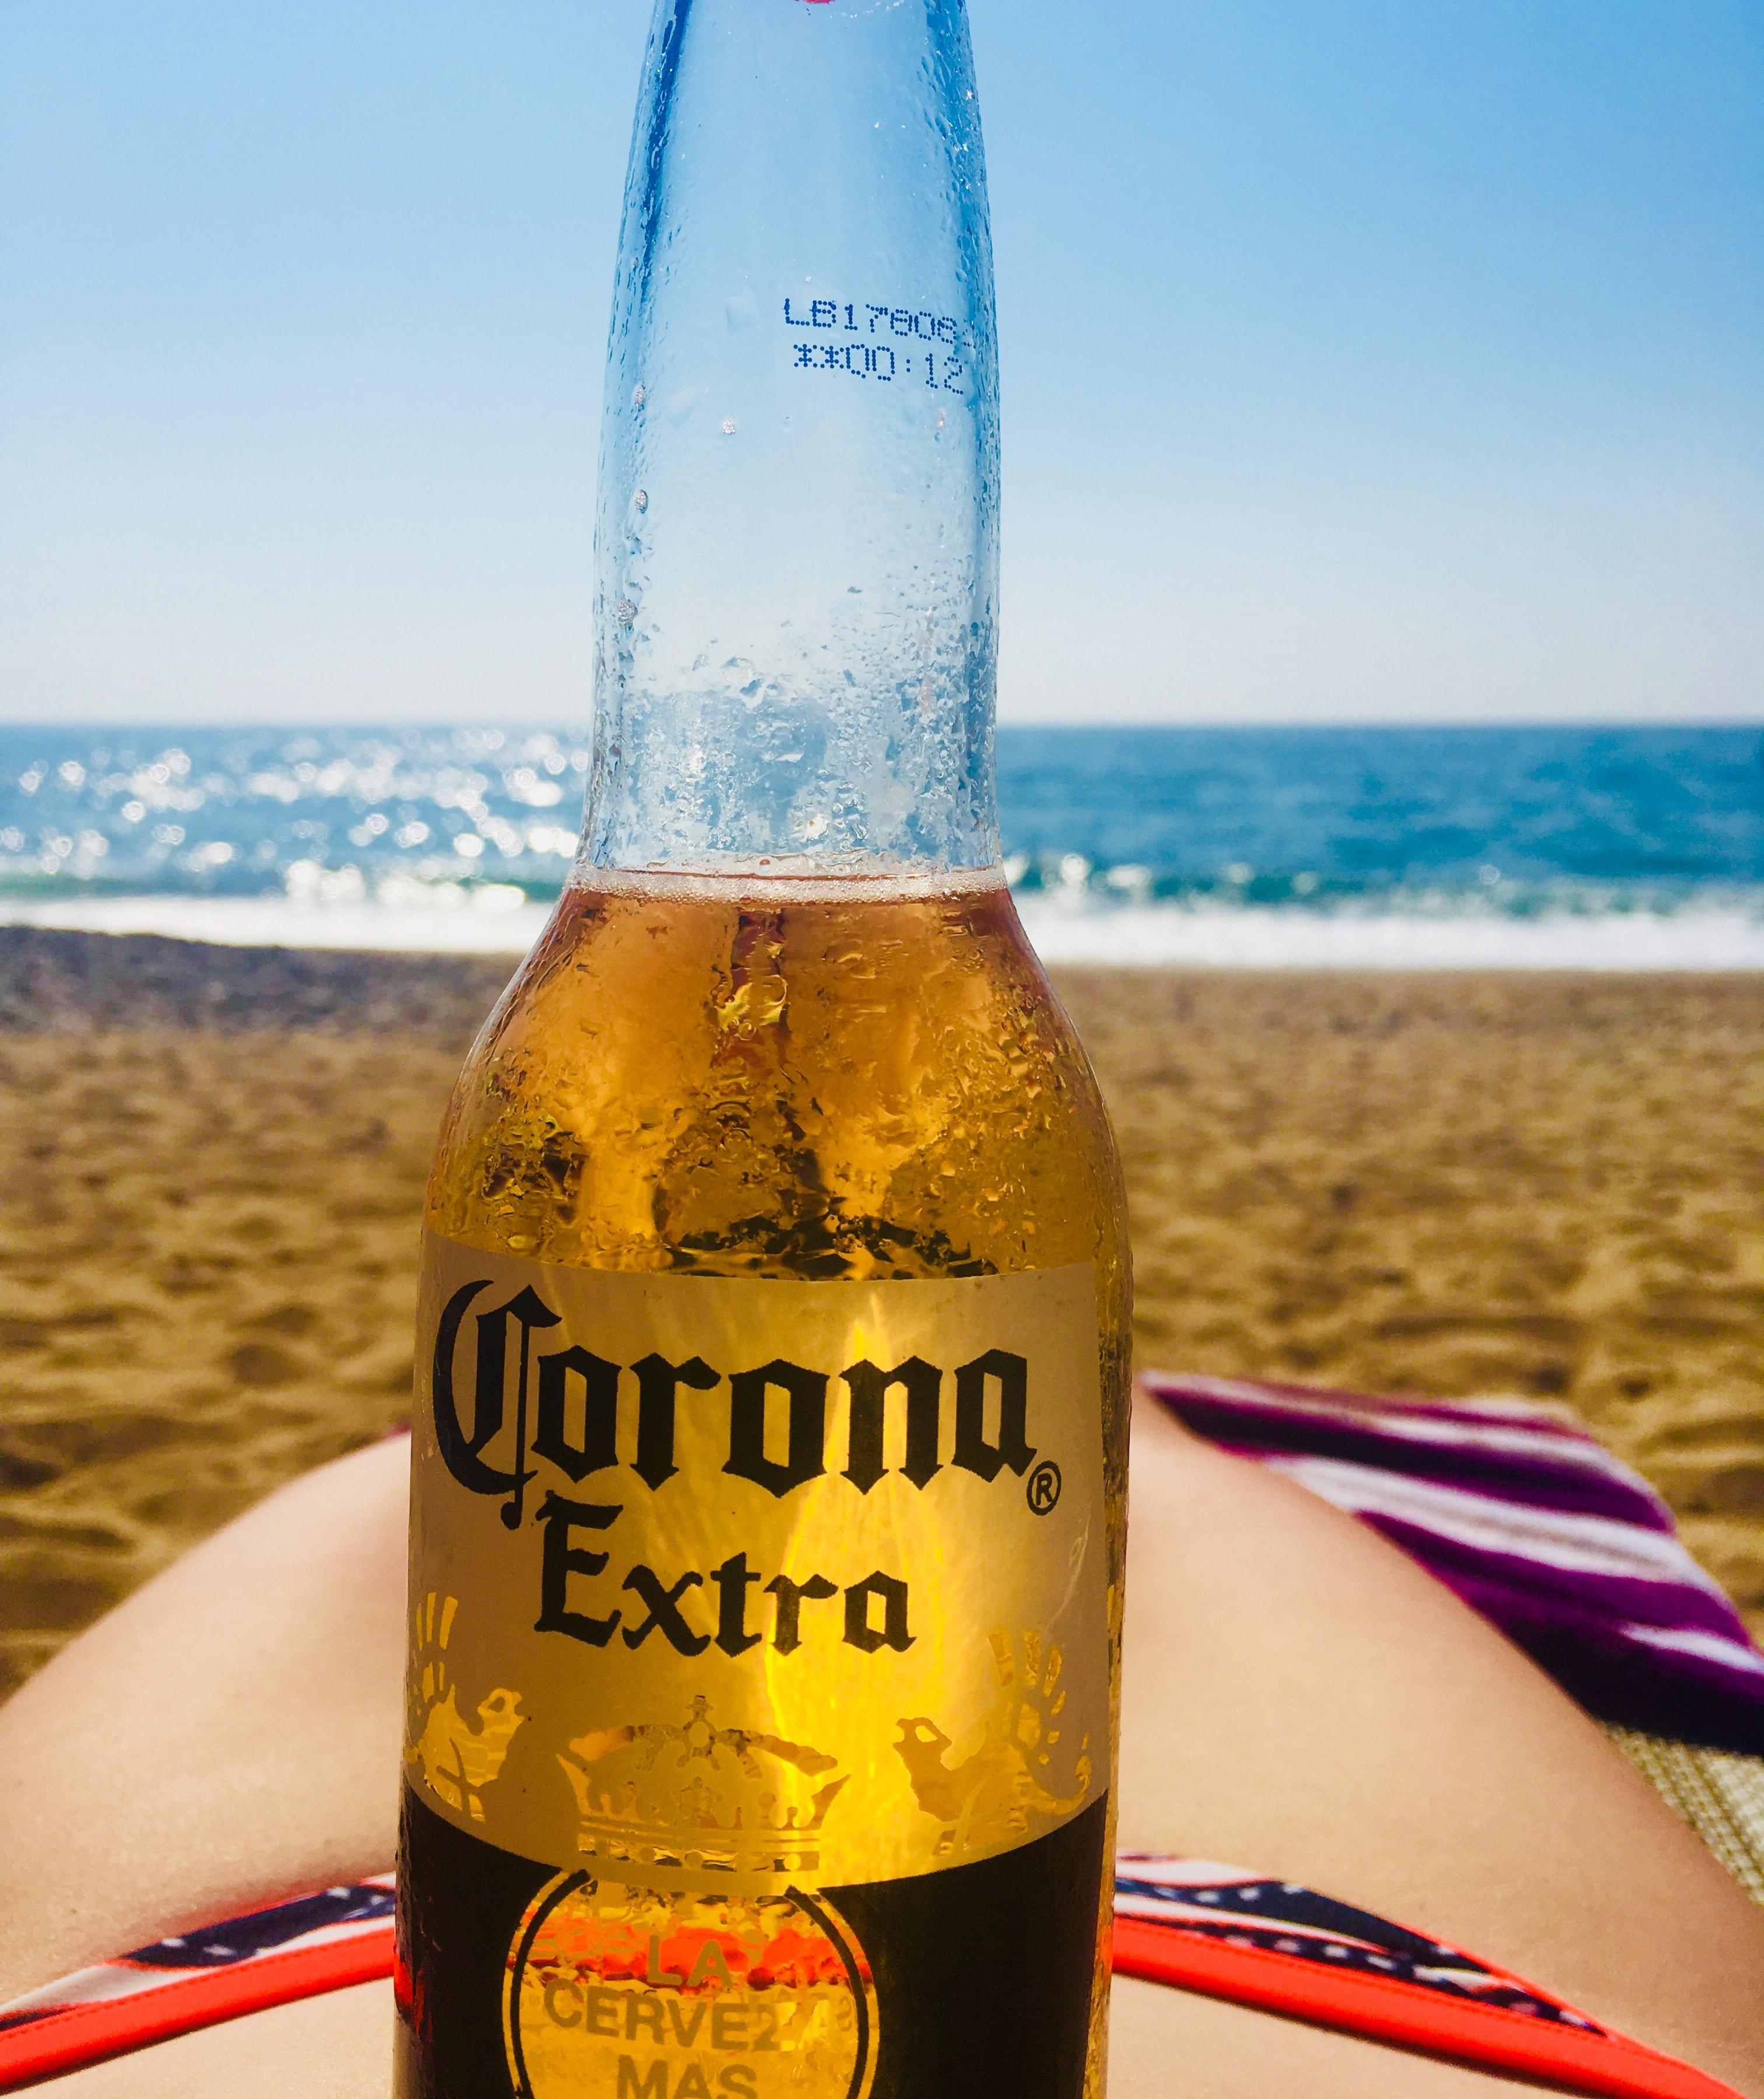 Corona Bier Bilder